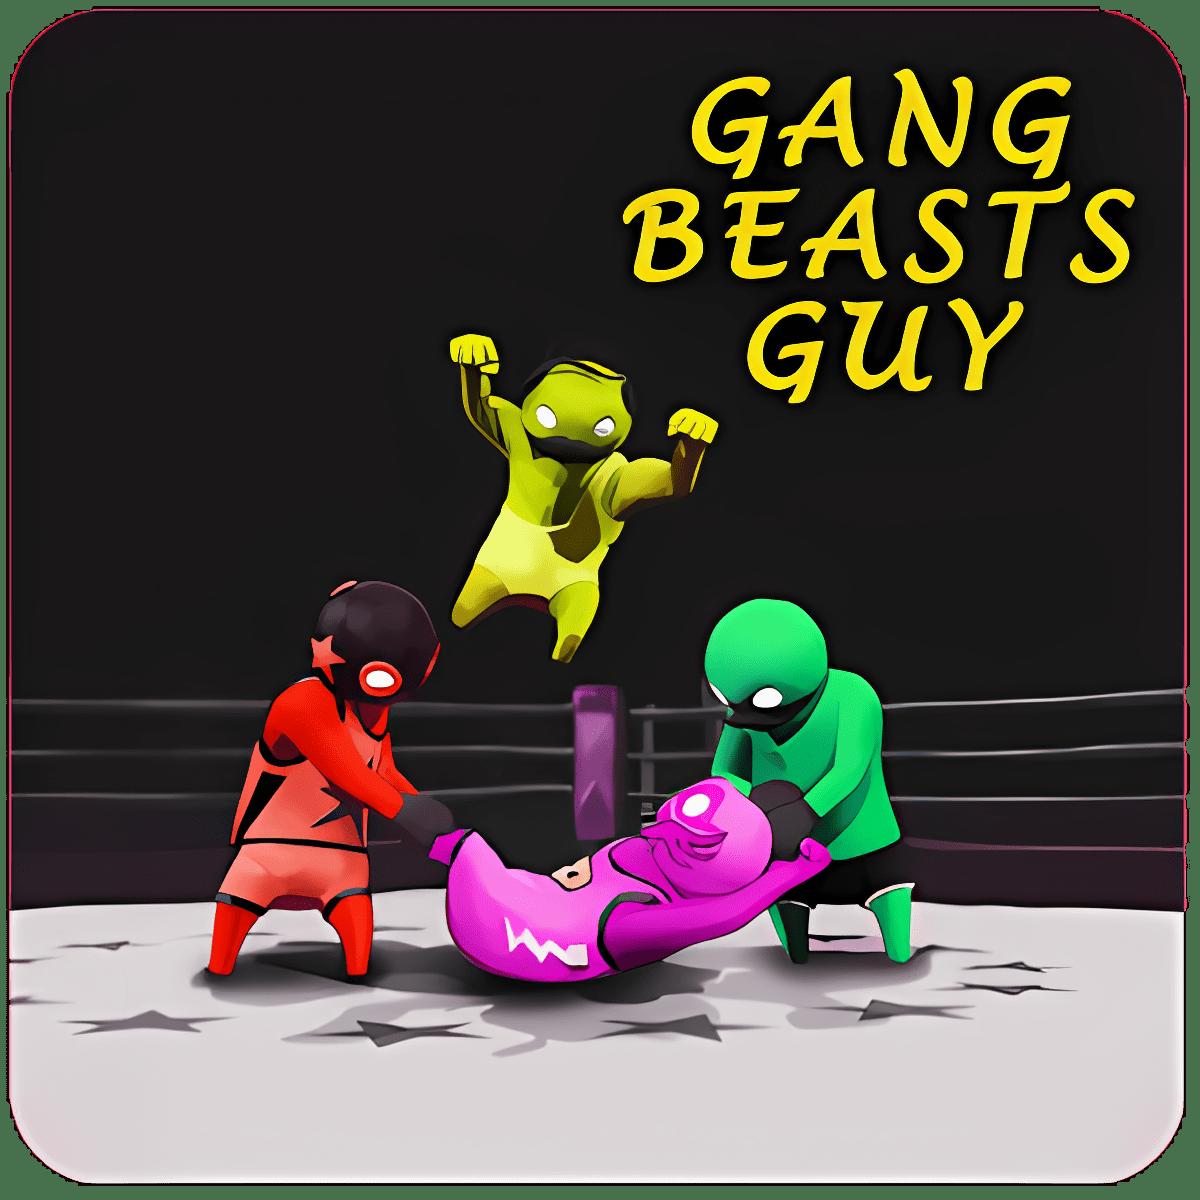 Gang Beasts Guy